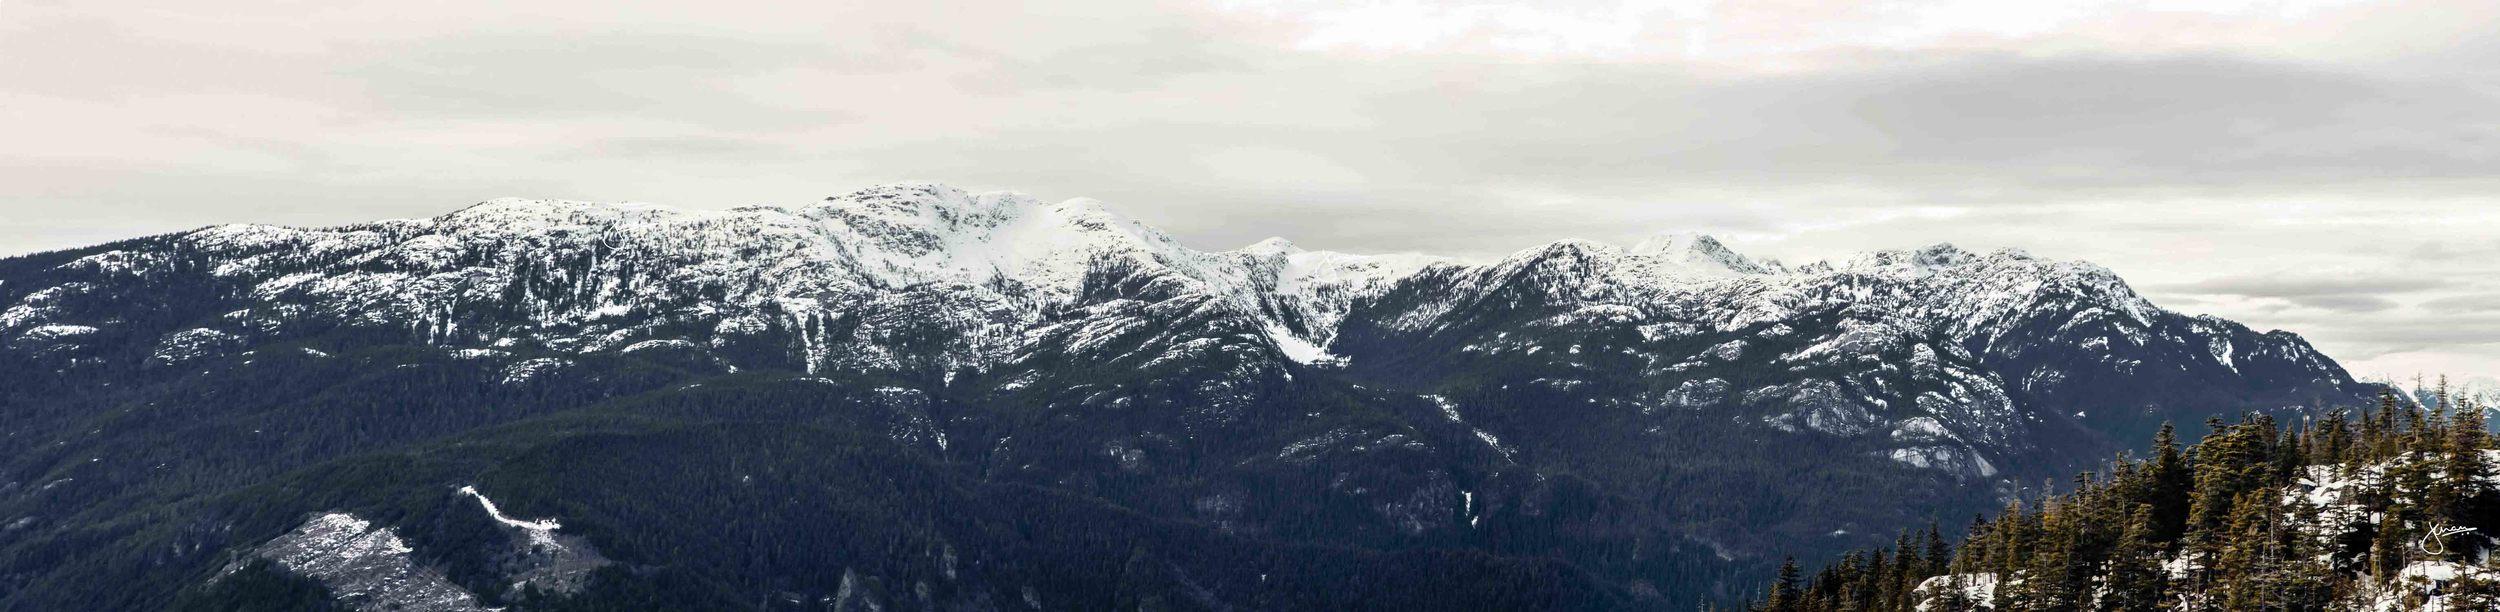 Tantalus Mountain Range